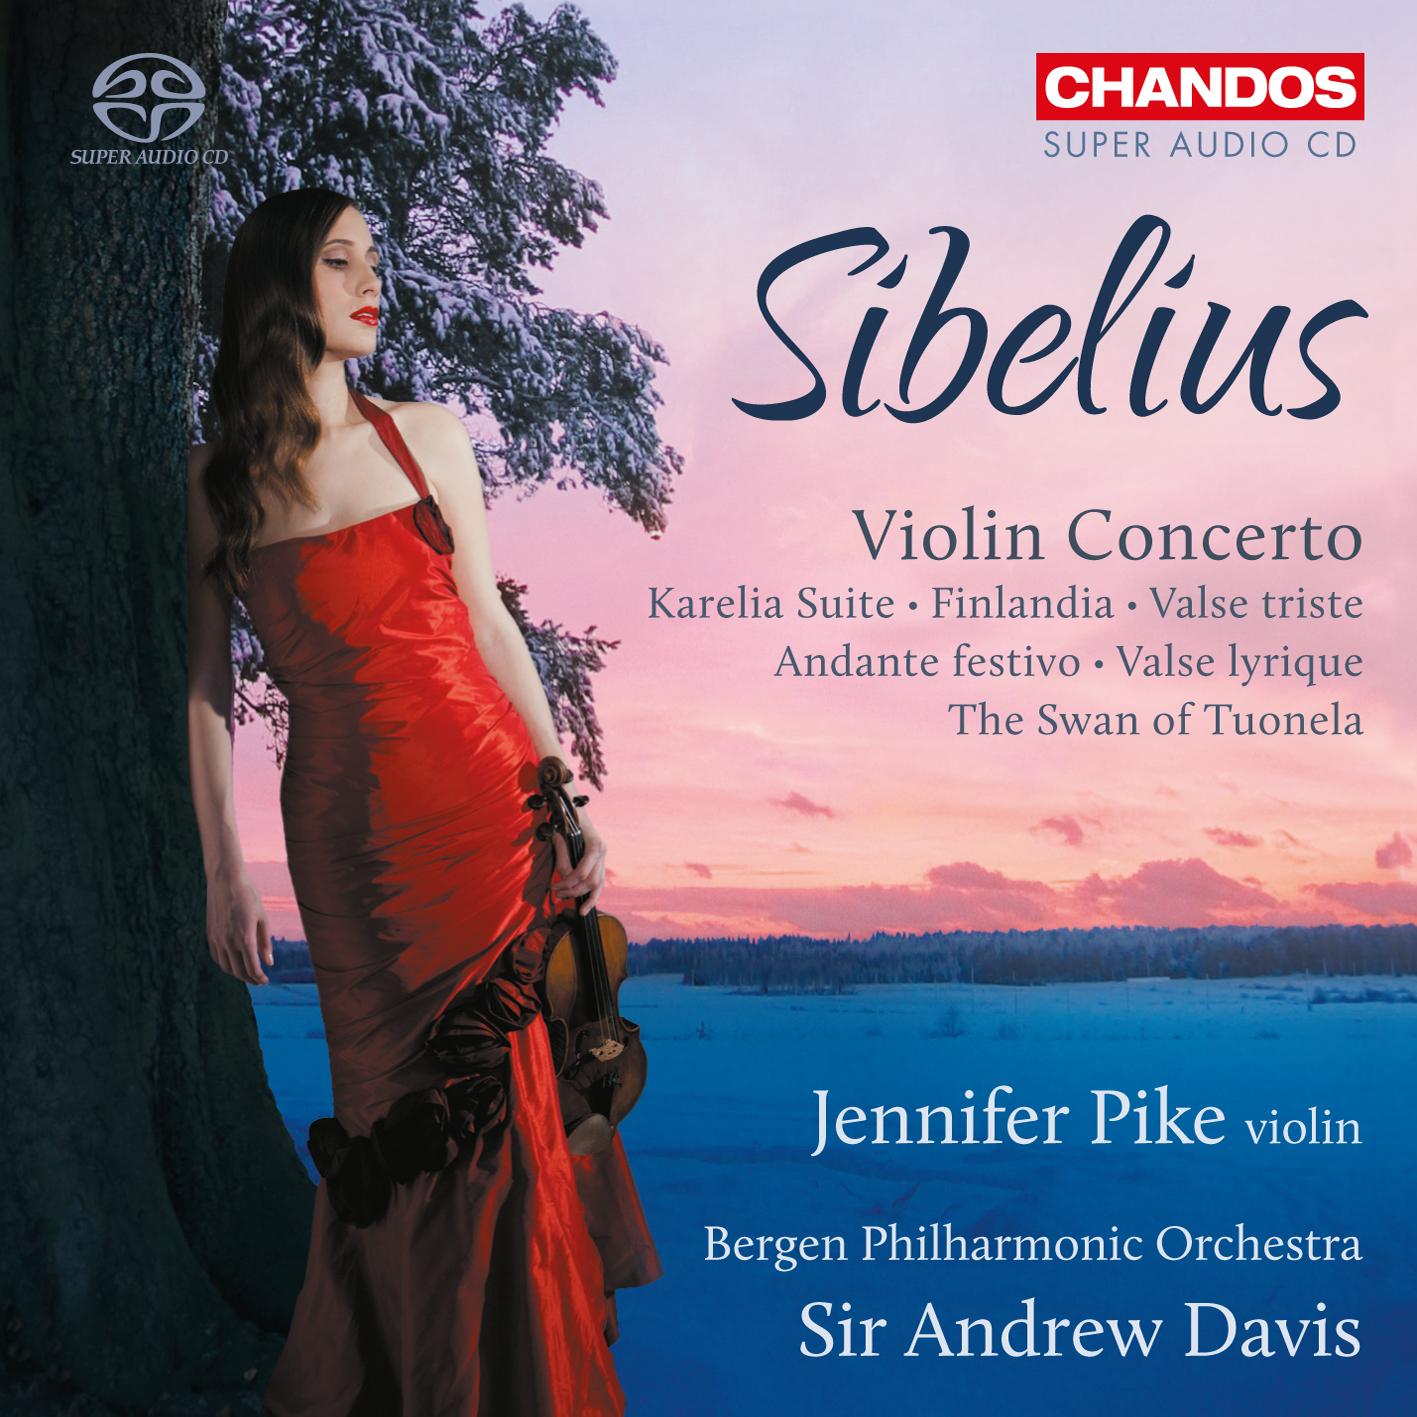 Image result for CHANDOS SIBELIUS violin concerto